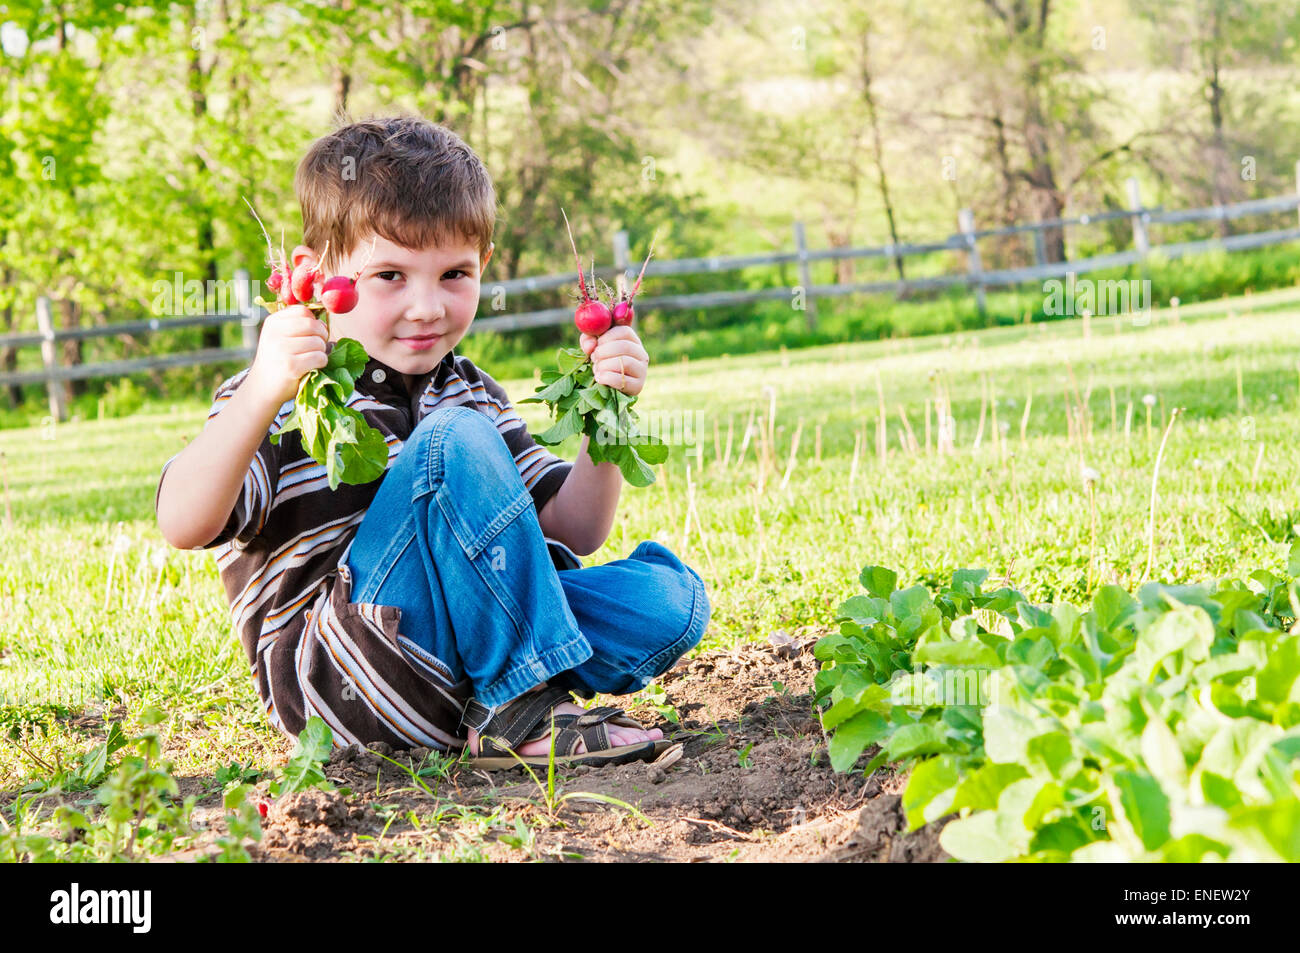 Niño sosteniendo rábanos sacado de jardín Imagen De Stock